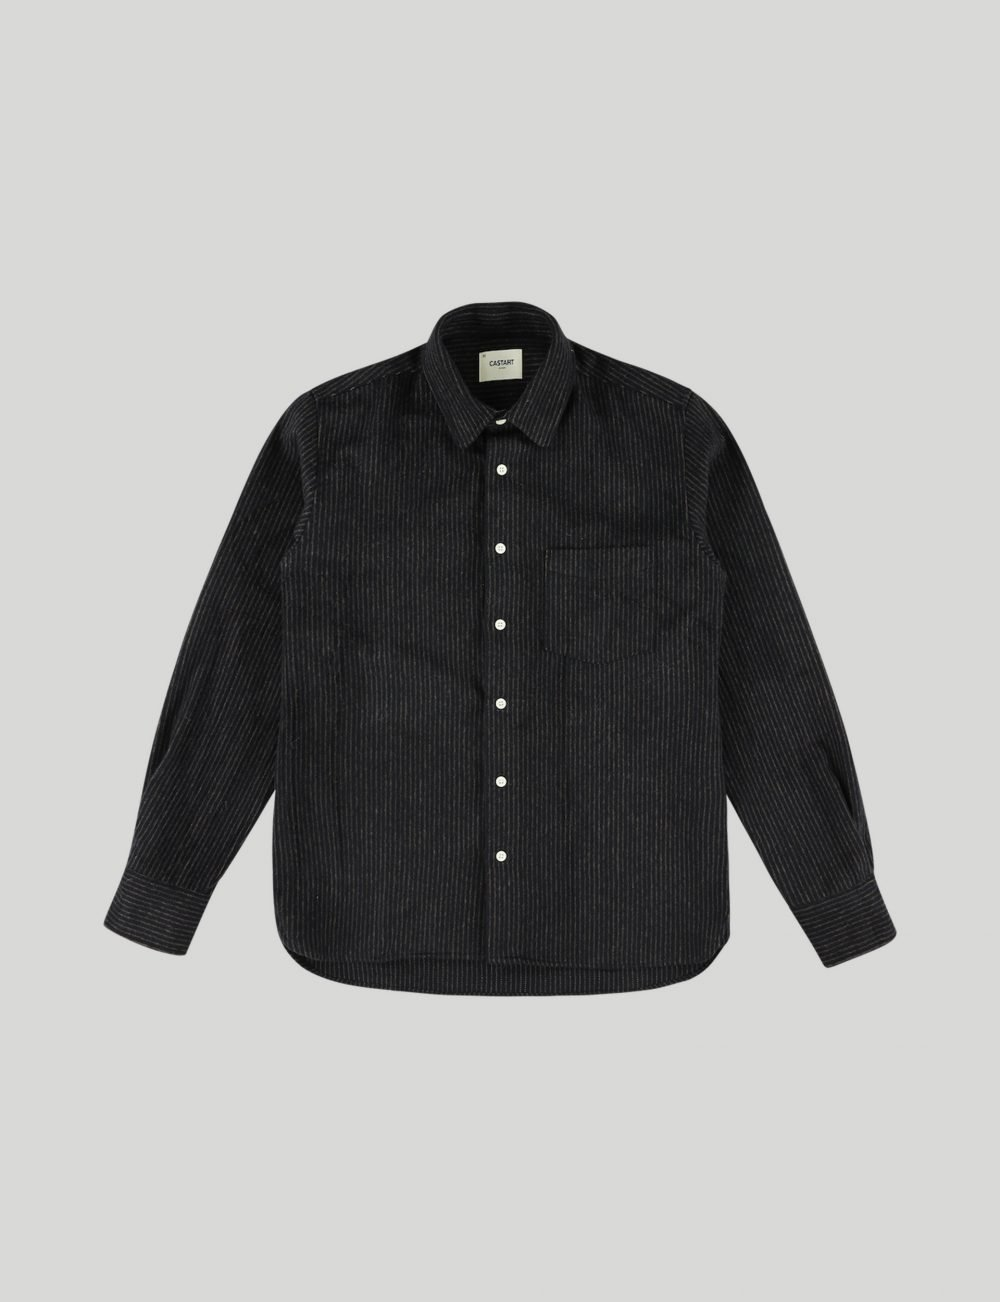 Castart - King Oyster Wo Shirt - Navy